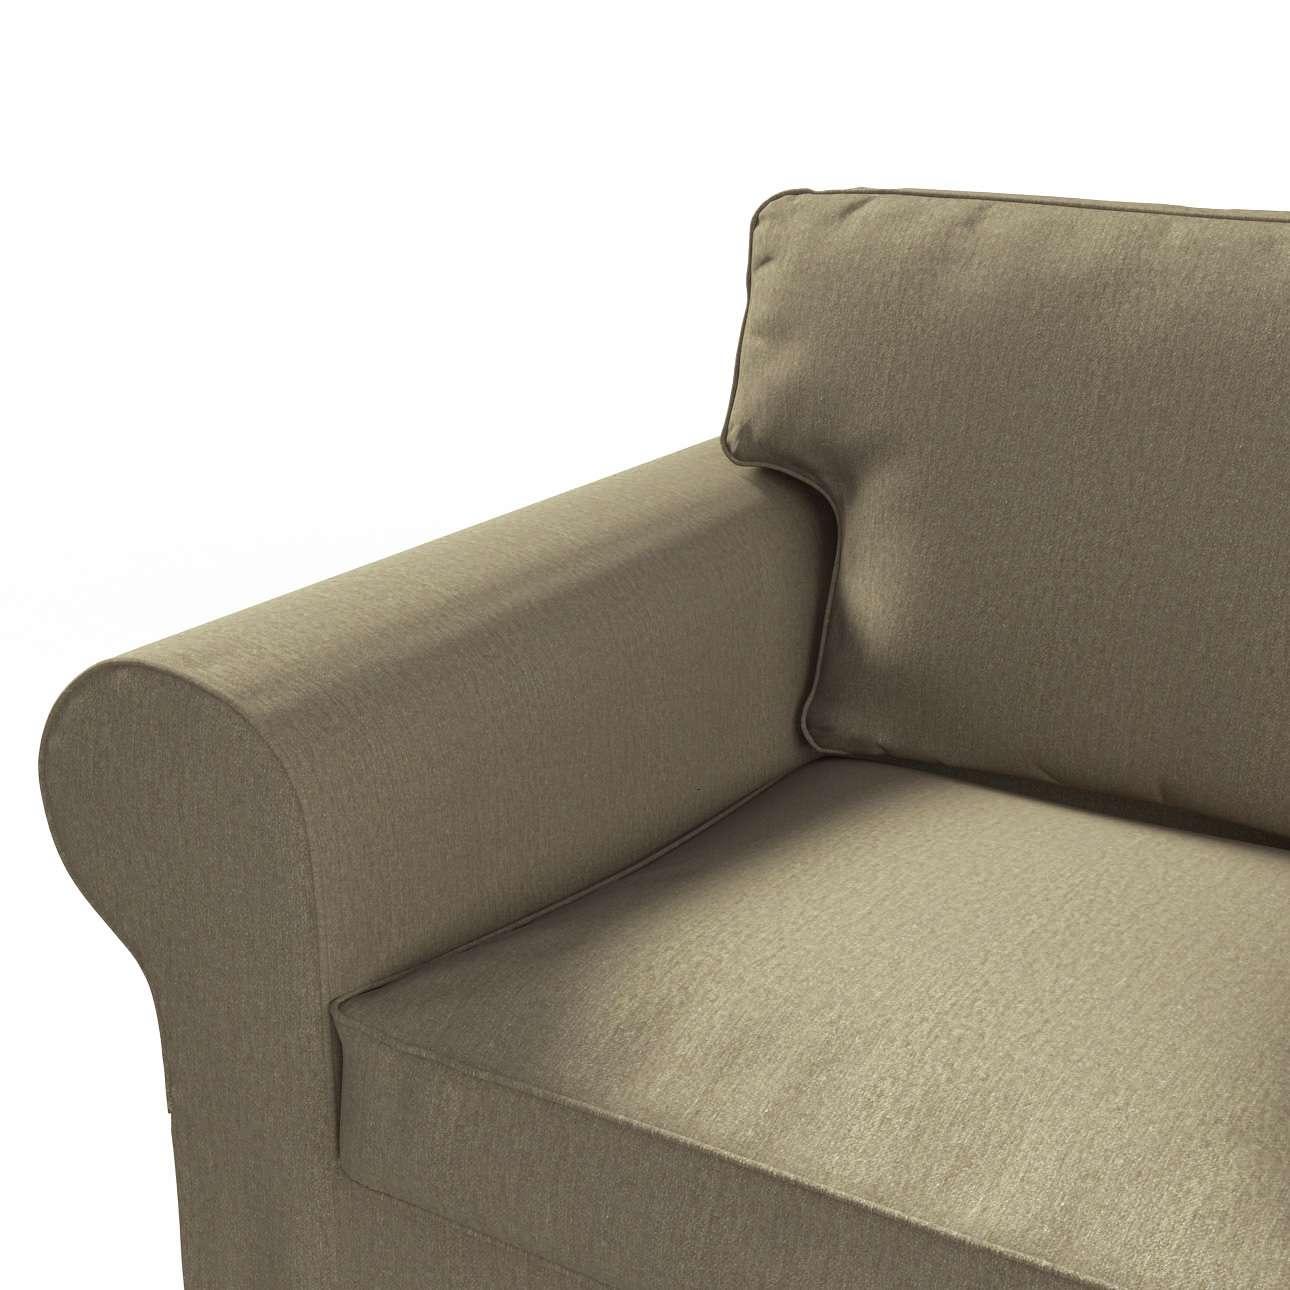 Pokrowiec na sofę Ektorp 2-osobową rozkładaną, model po 2012 w kolekcji Chenille, tkanina: 702-21